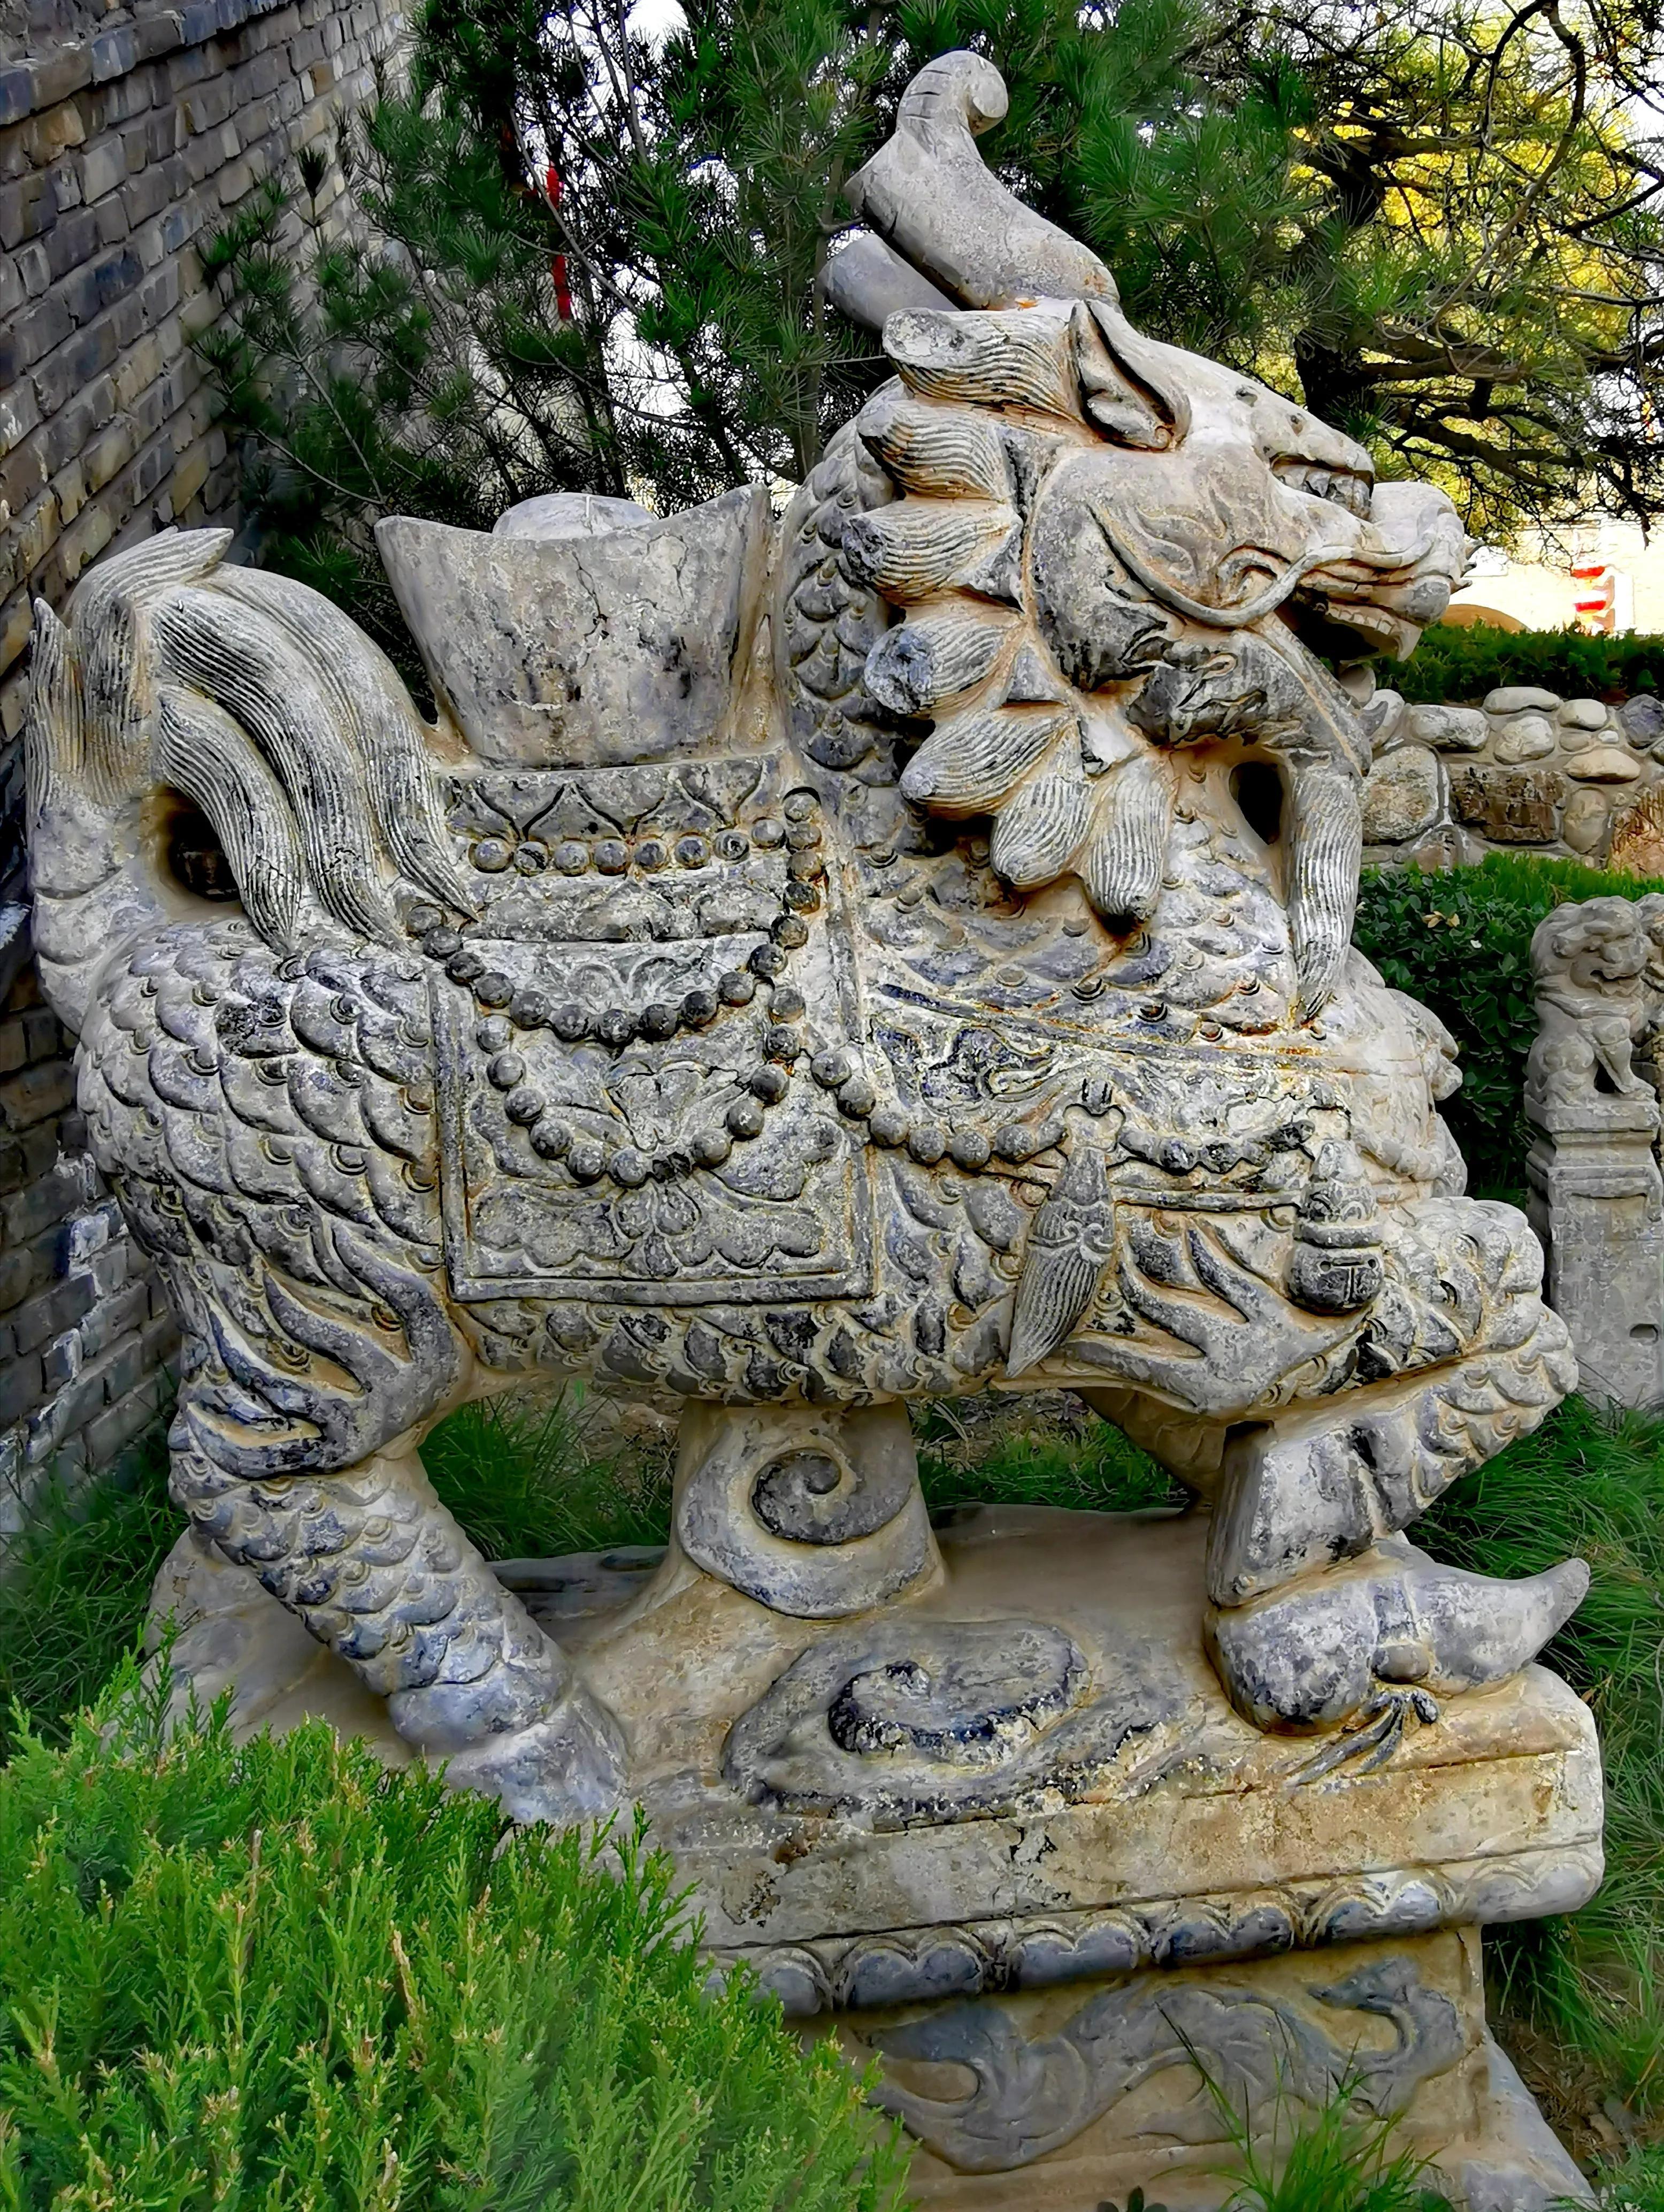 陕西渭南蒲城重泉古镇之石雕和雕塑,带你欣赏雕刻艺术